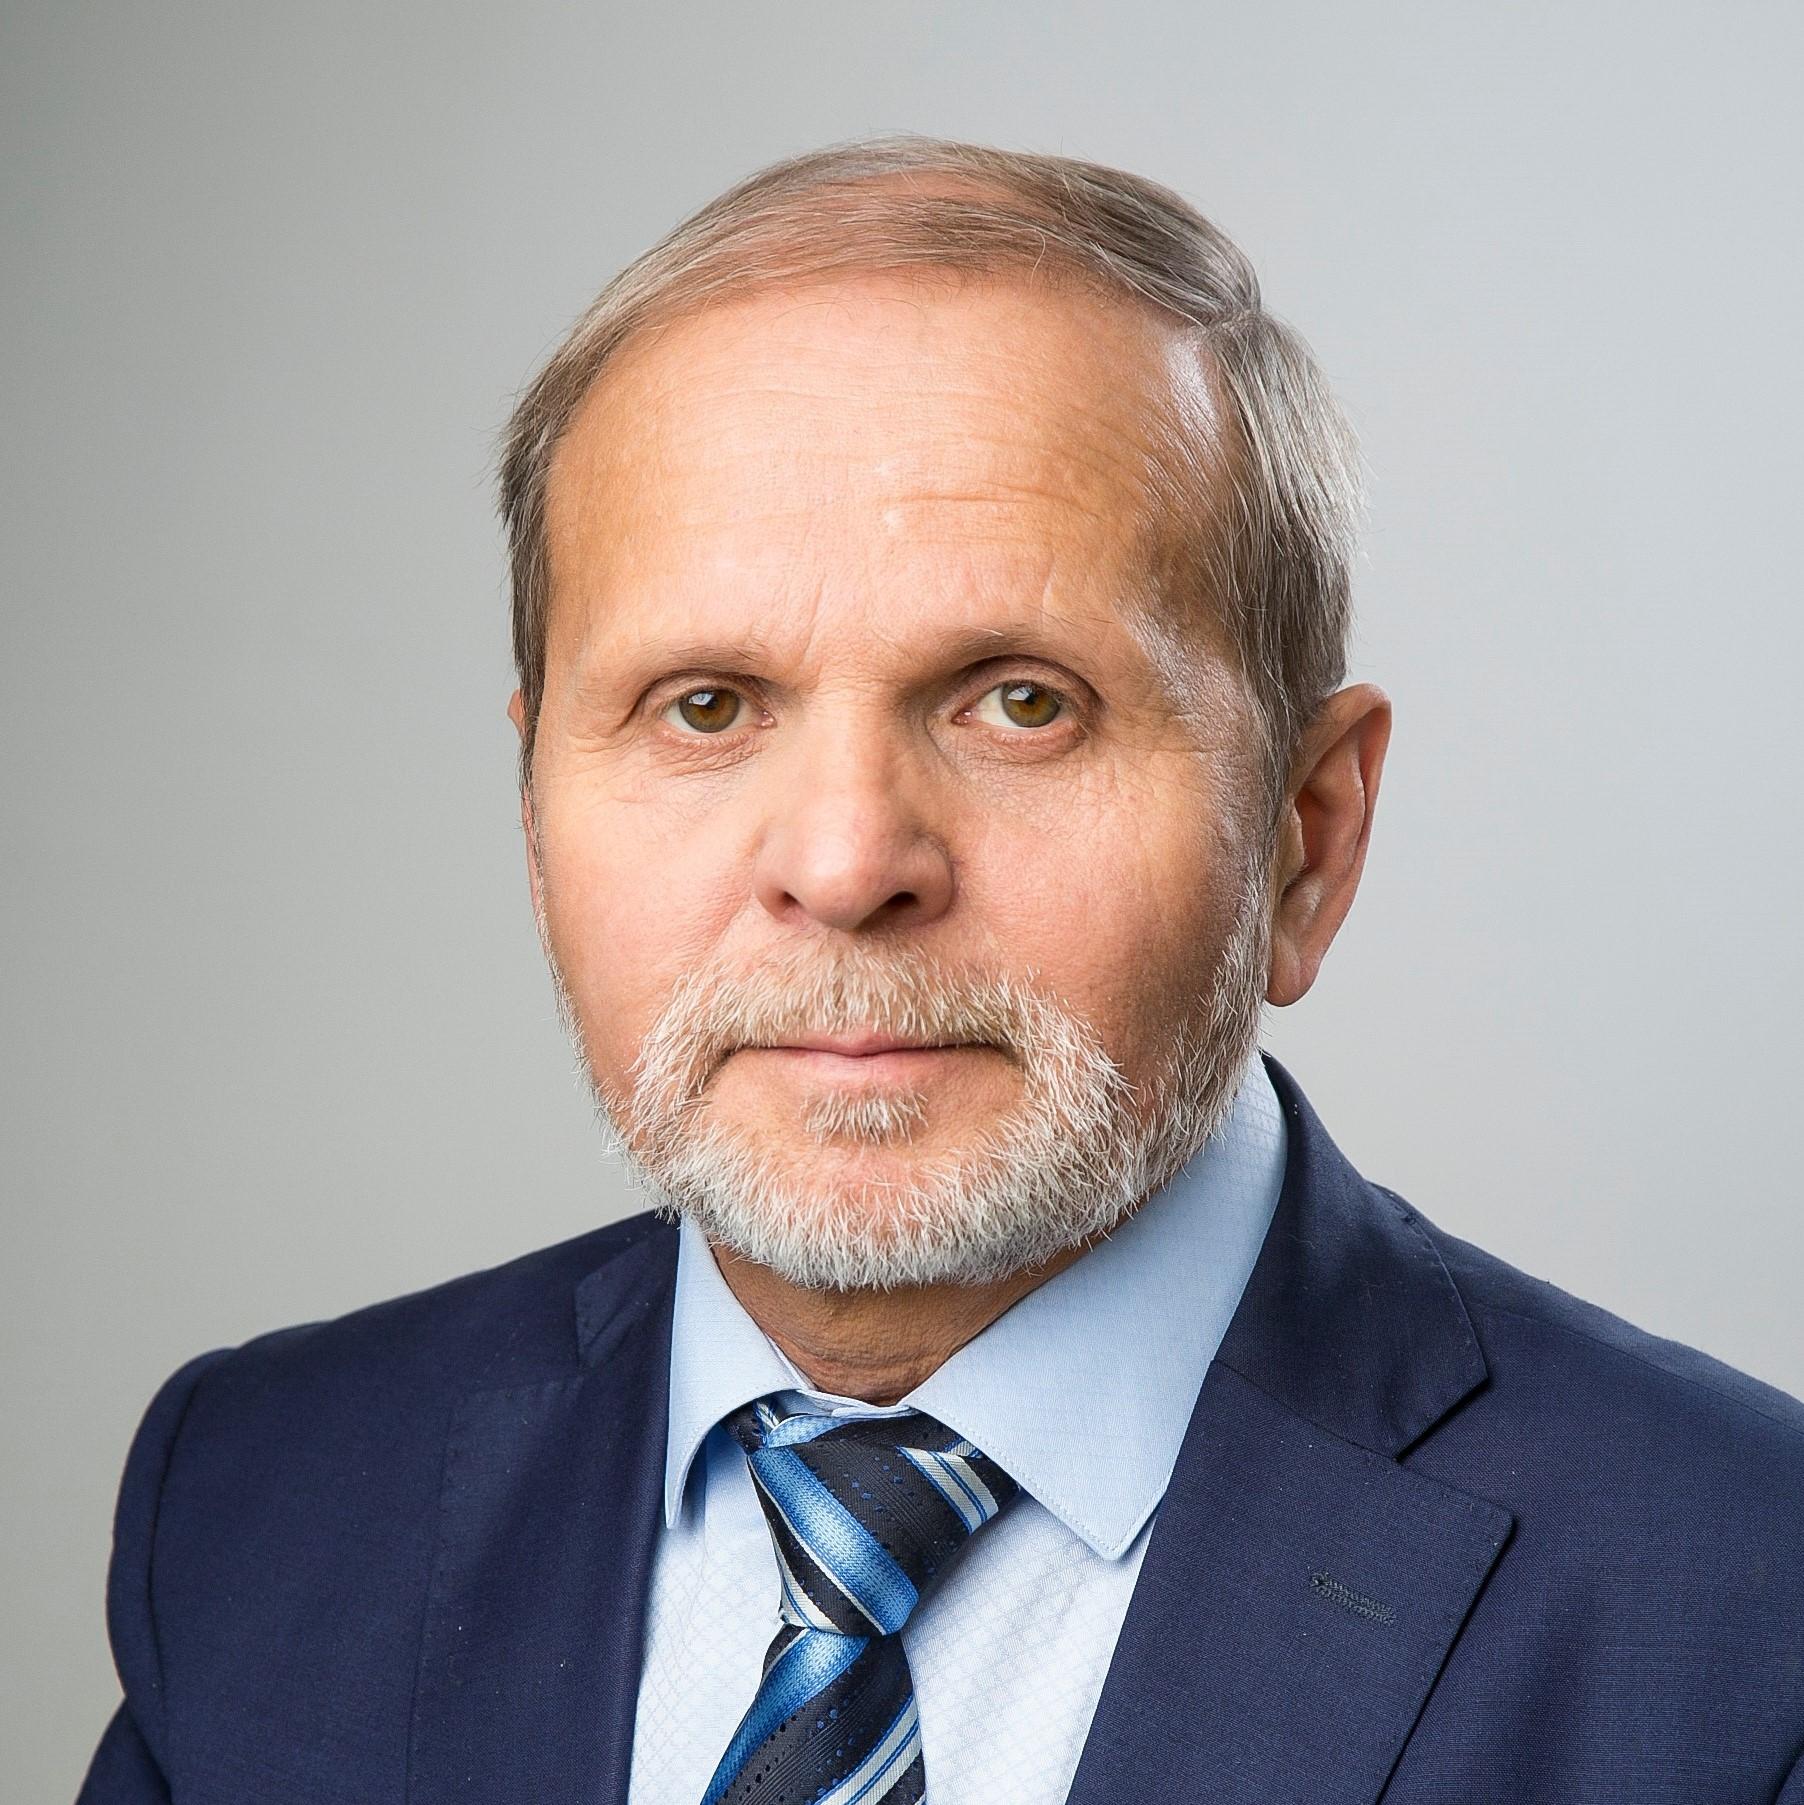 Савенков Александр Ильич